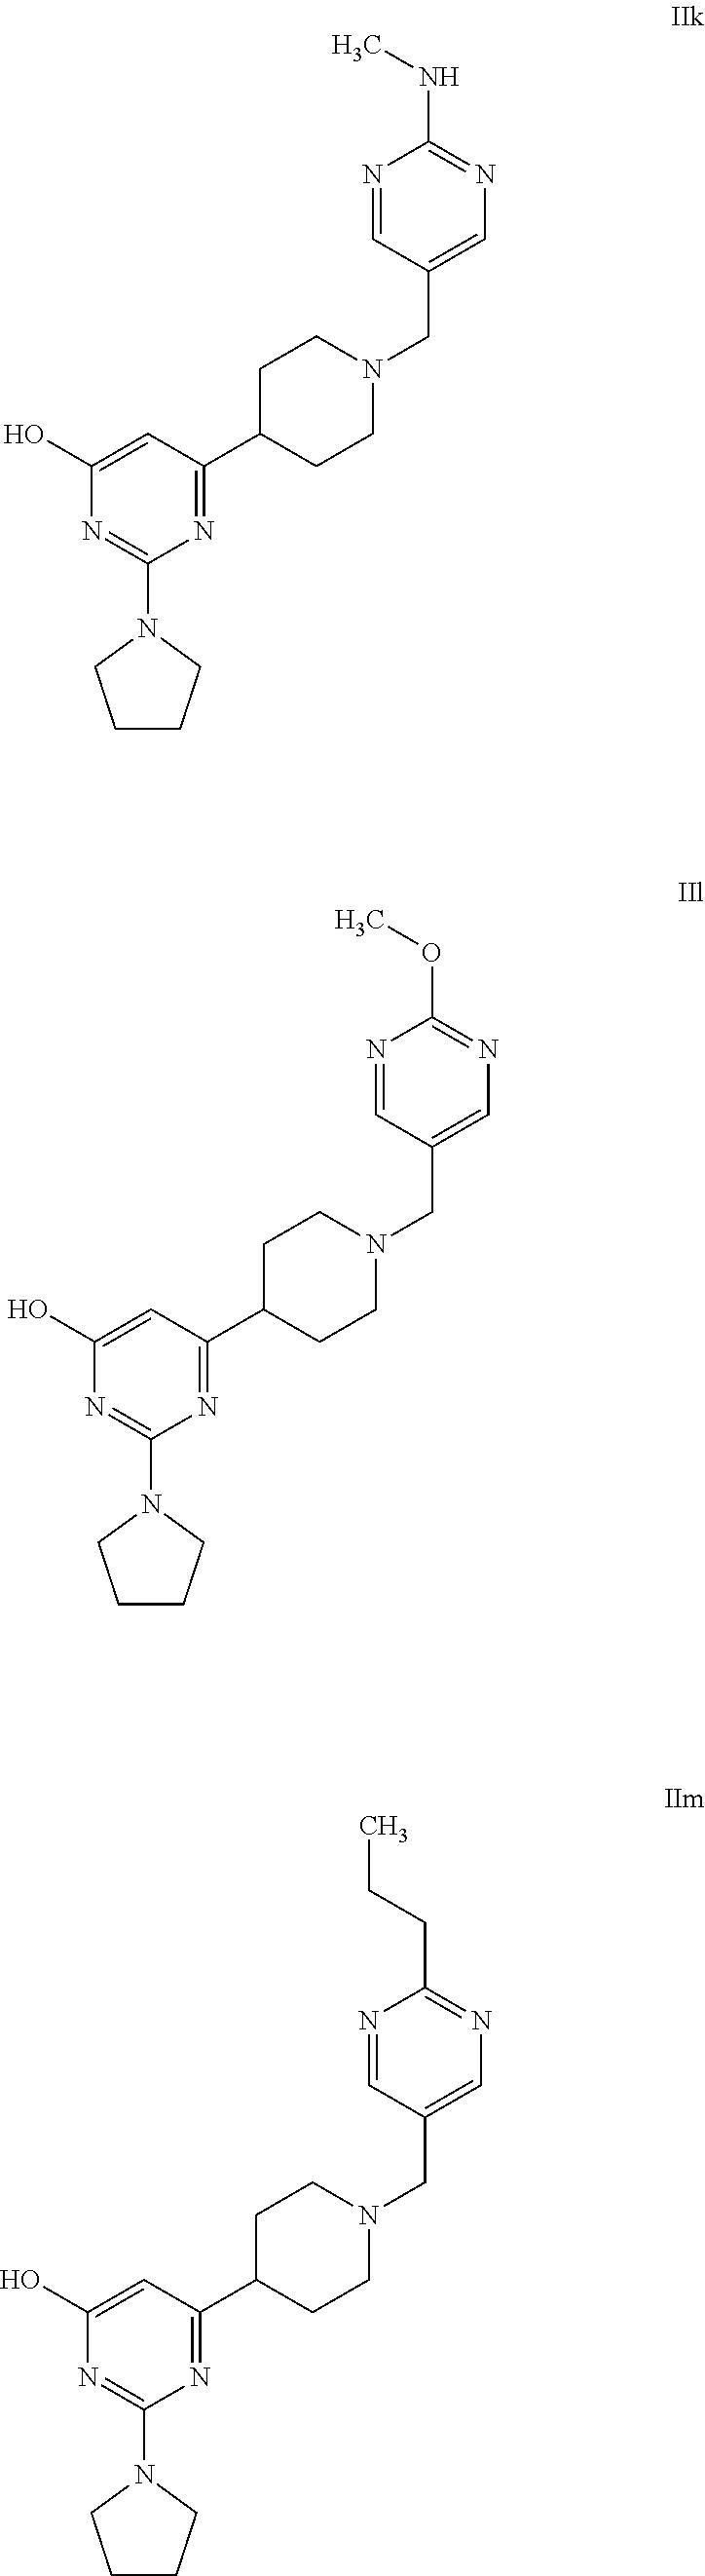 Figure US09085585-20150721-C00024